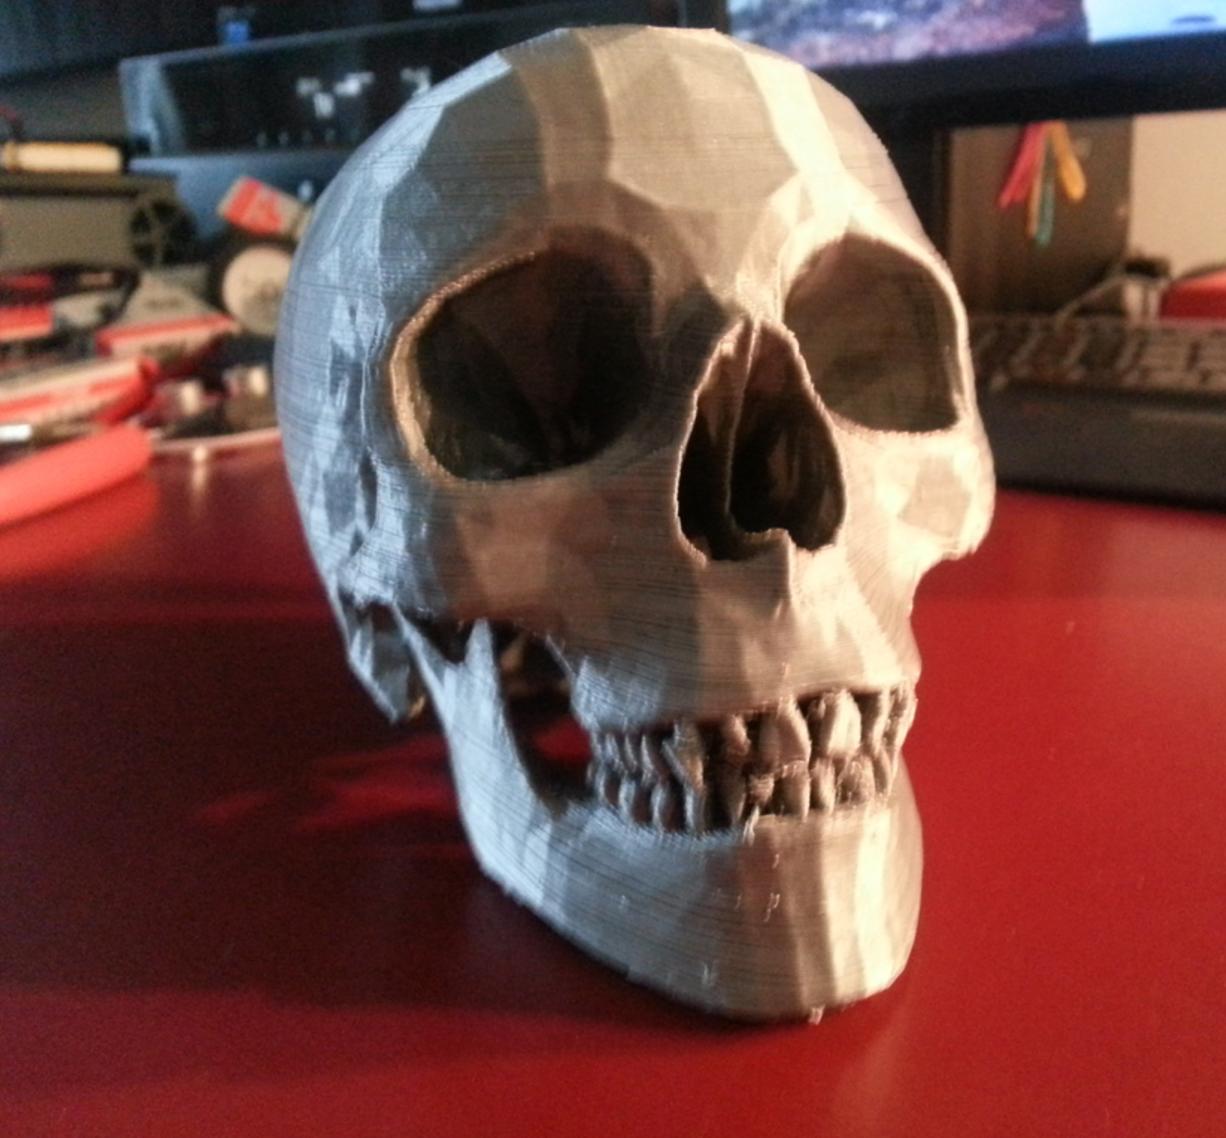 Capture d'écran 2017-07-26 à 11.30.22.png Download free STL file Human Skull • 3D print model, JamieLaing